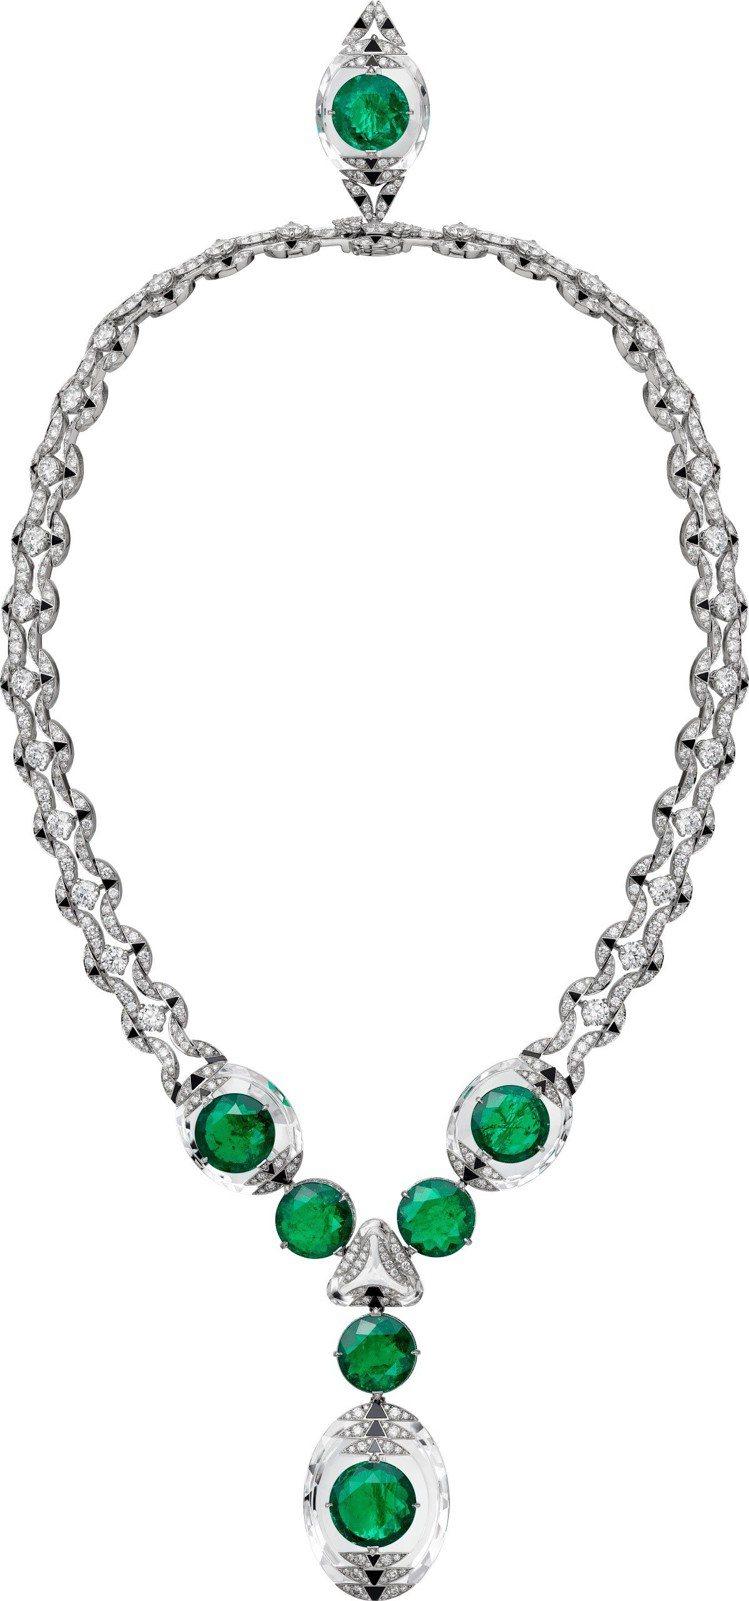 莉莉柯林斯配戴的卡地亞Magnitude頂級珠寶系列項鍊,鉑金鑲嵌祖母綠、水晶、...